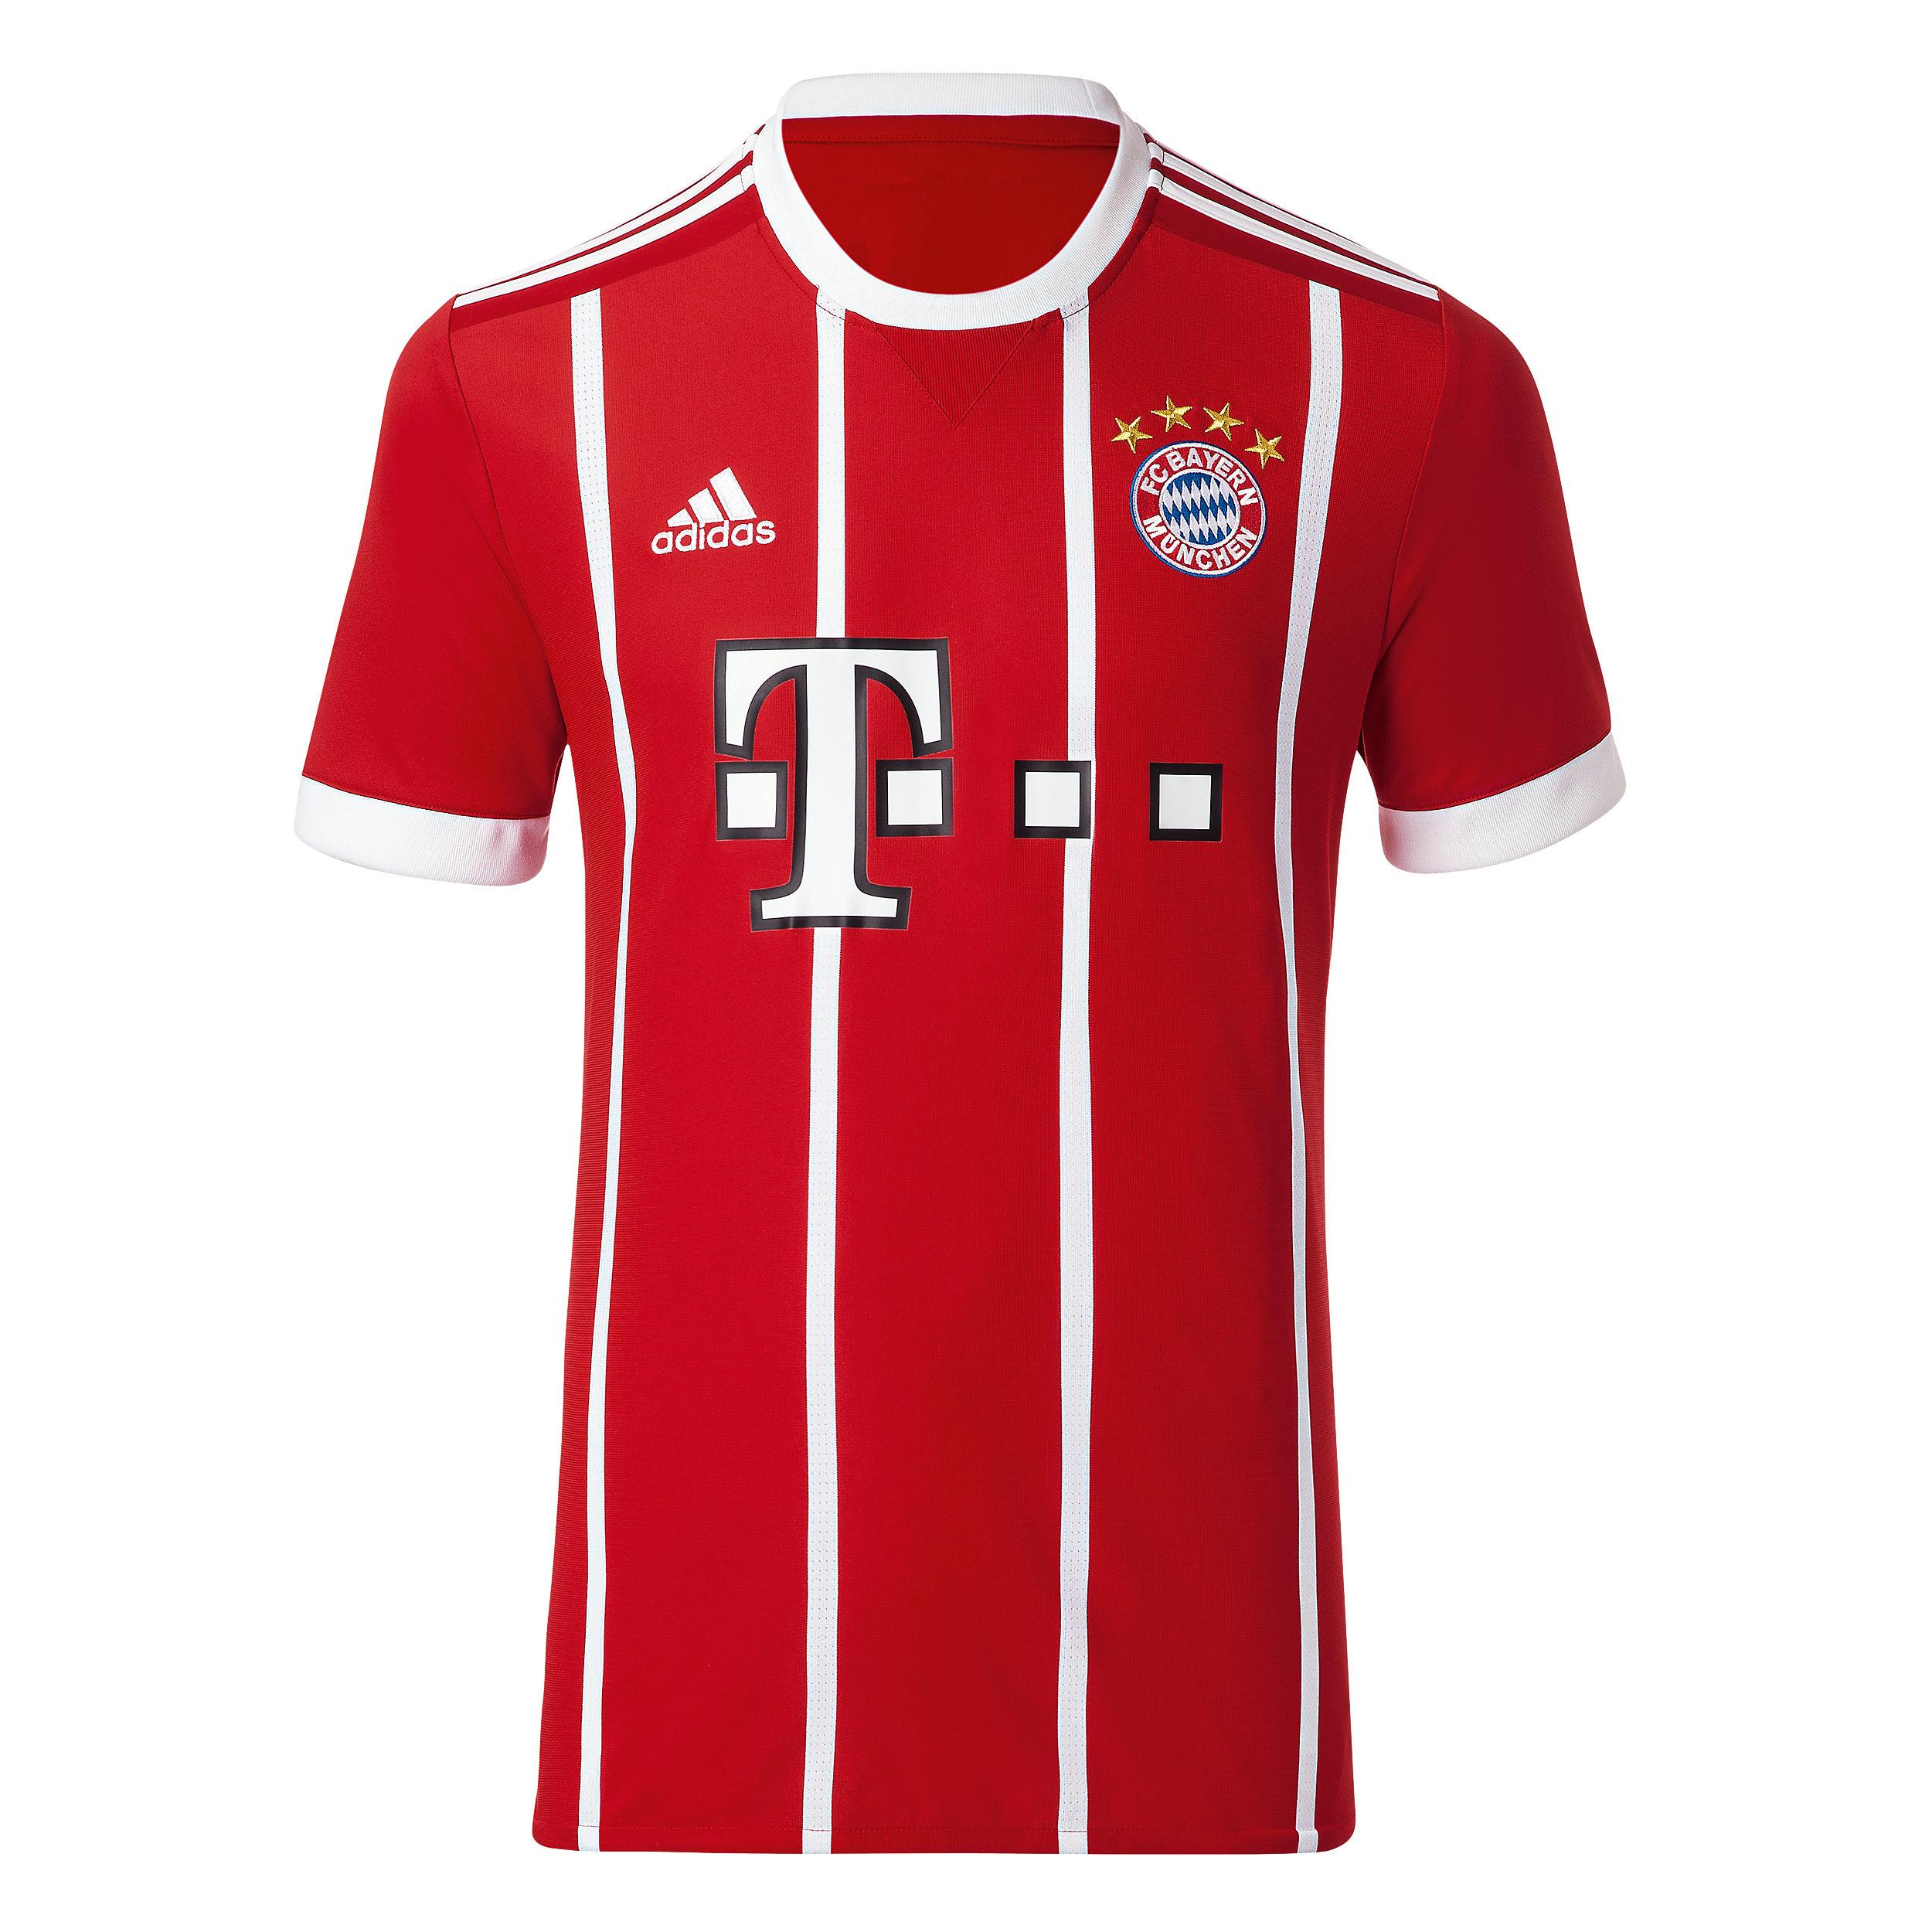 A Camisa do Bayern de Munique é um ótimo souvenir da Alemanha para os amantes de futebol